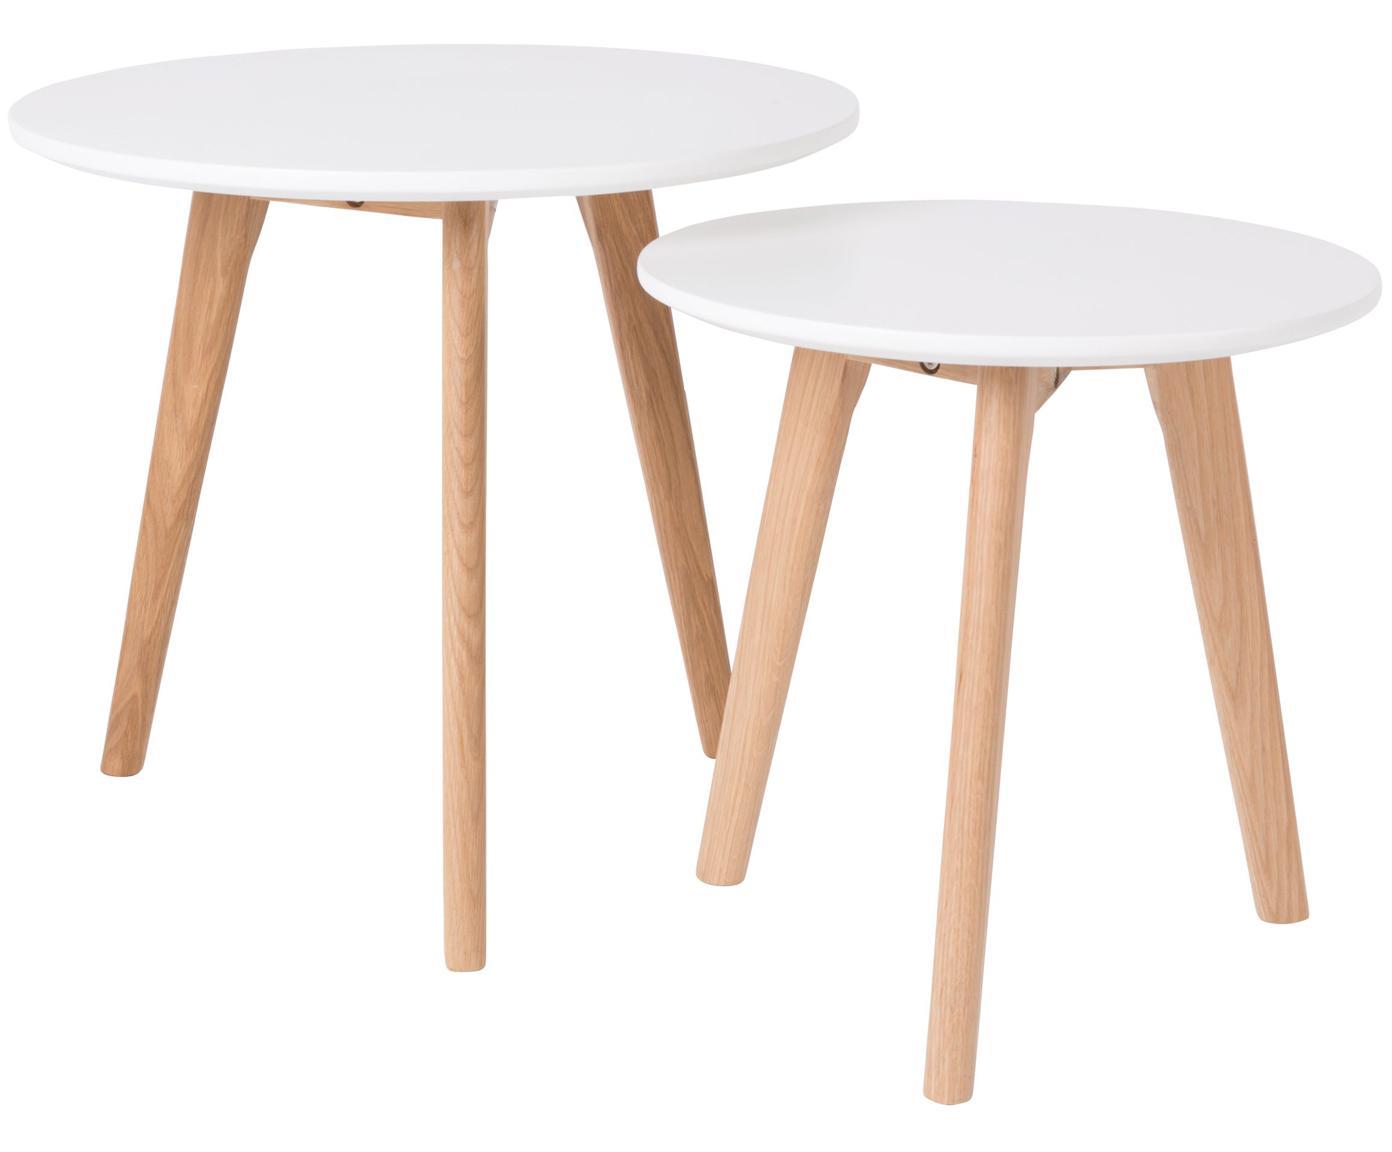 Beistelltisch-Set Bodine im Skandi Design, Tischplatte: Mitteldichte Holzfaserpla, Weiß, Ø 40 x H 40 cm